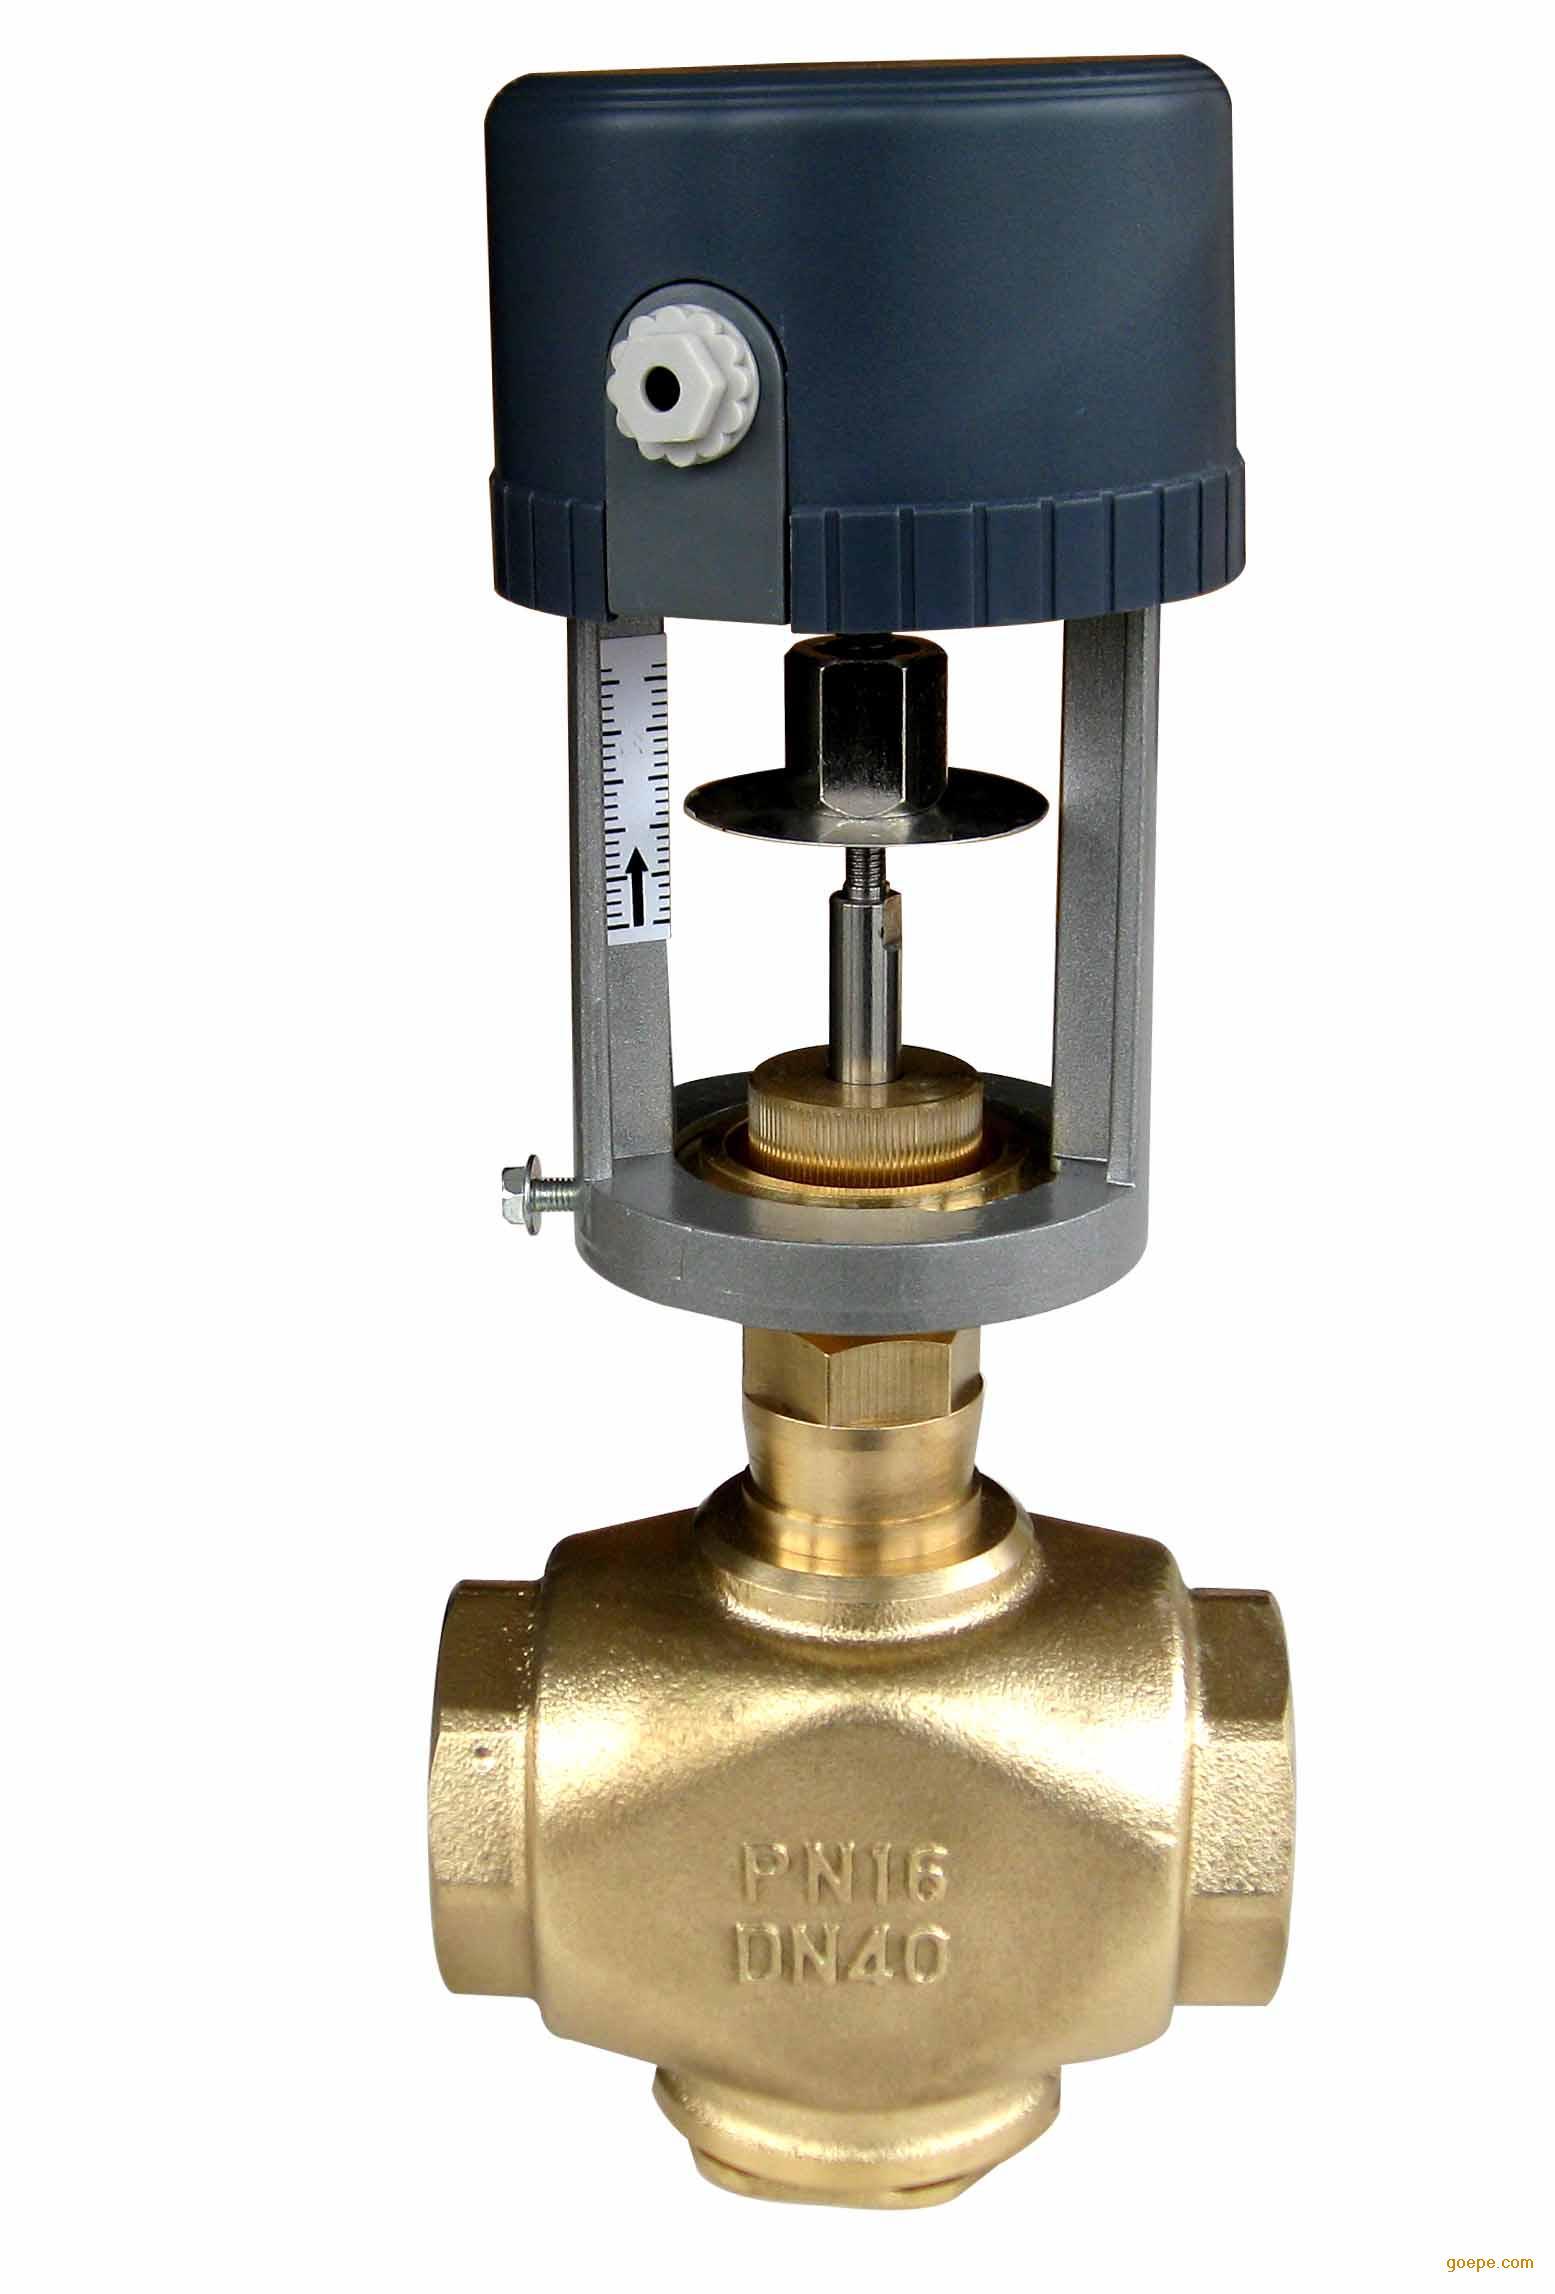 比例积分二通阀产品概述    比例积分调节阀系列能调节蒸汽或冷热水的流量,广泛用于中央空调、采暖、水处理、工业加工行业等系统的流体控制。(蒸汽型号为:LDVB3200B) 比例积分二通阀产品特点   执行器选用铸铝支架及塑料外壳,体积小、重量轻   选用永磁同步电机,并带有磁滞离合机构,具有可靠的自我保护功能   -适合多种控制信号:增量(浮点)、电压(0~10V)、电流(4~20mA)   -具有0~10V或4~20mA反馈信号(选配)   传动齿轮采用金属齿轮,大大提高了驱动器的使用寿命